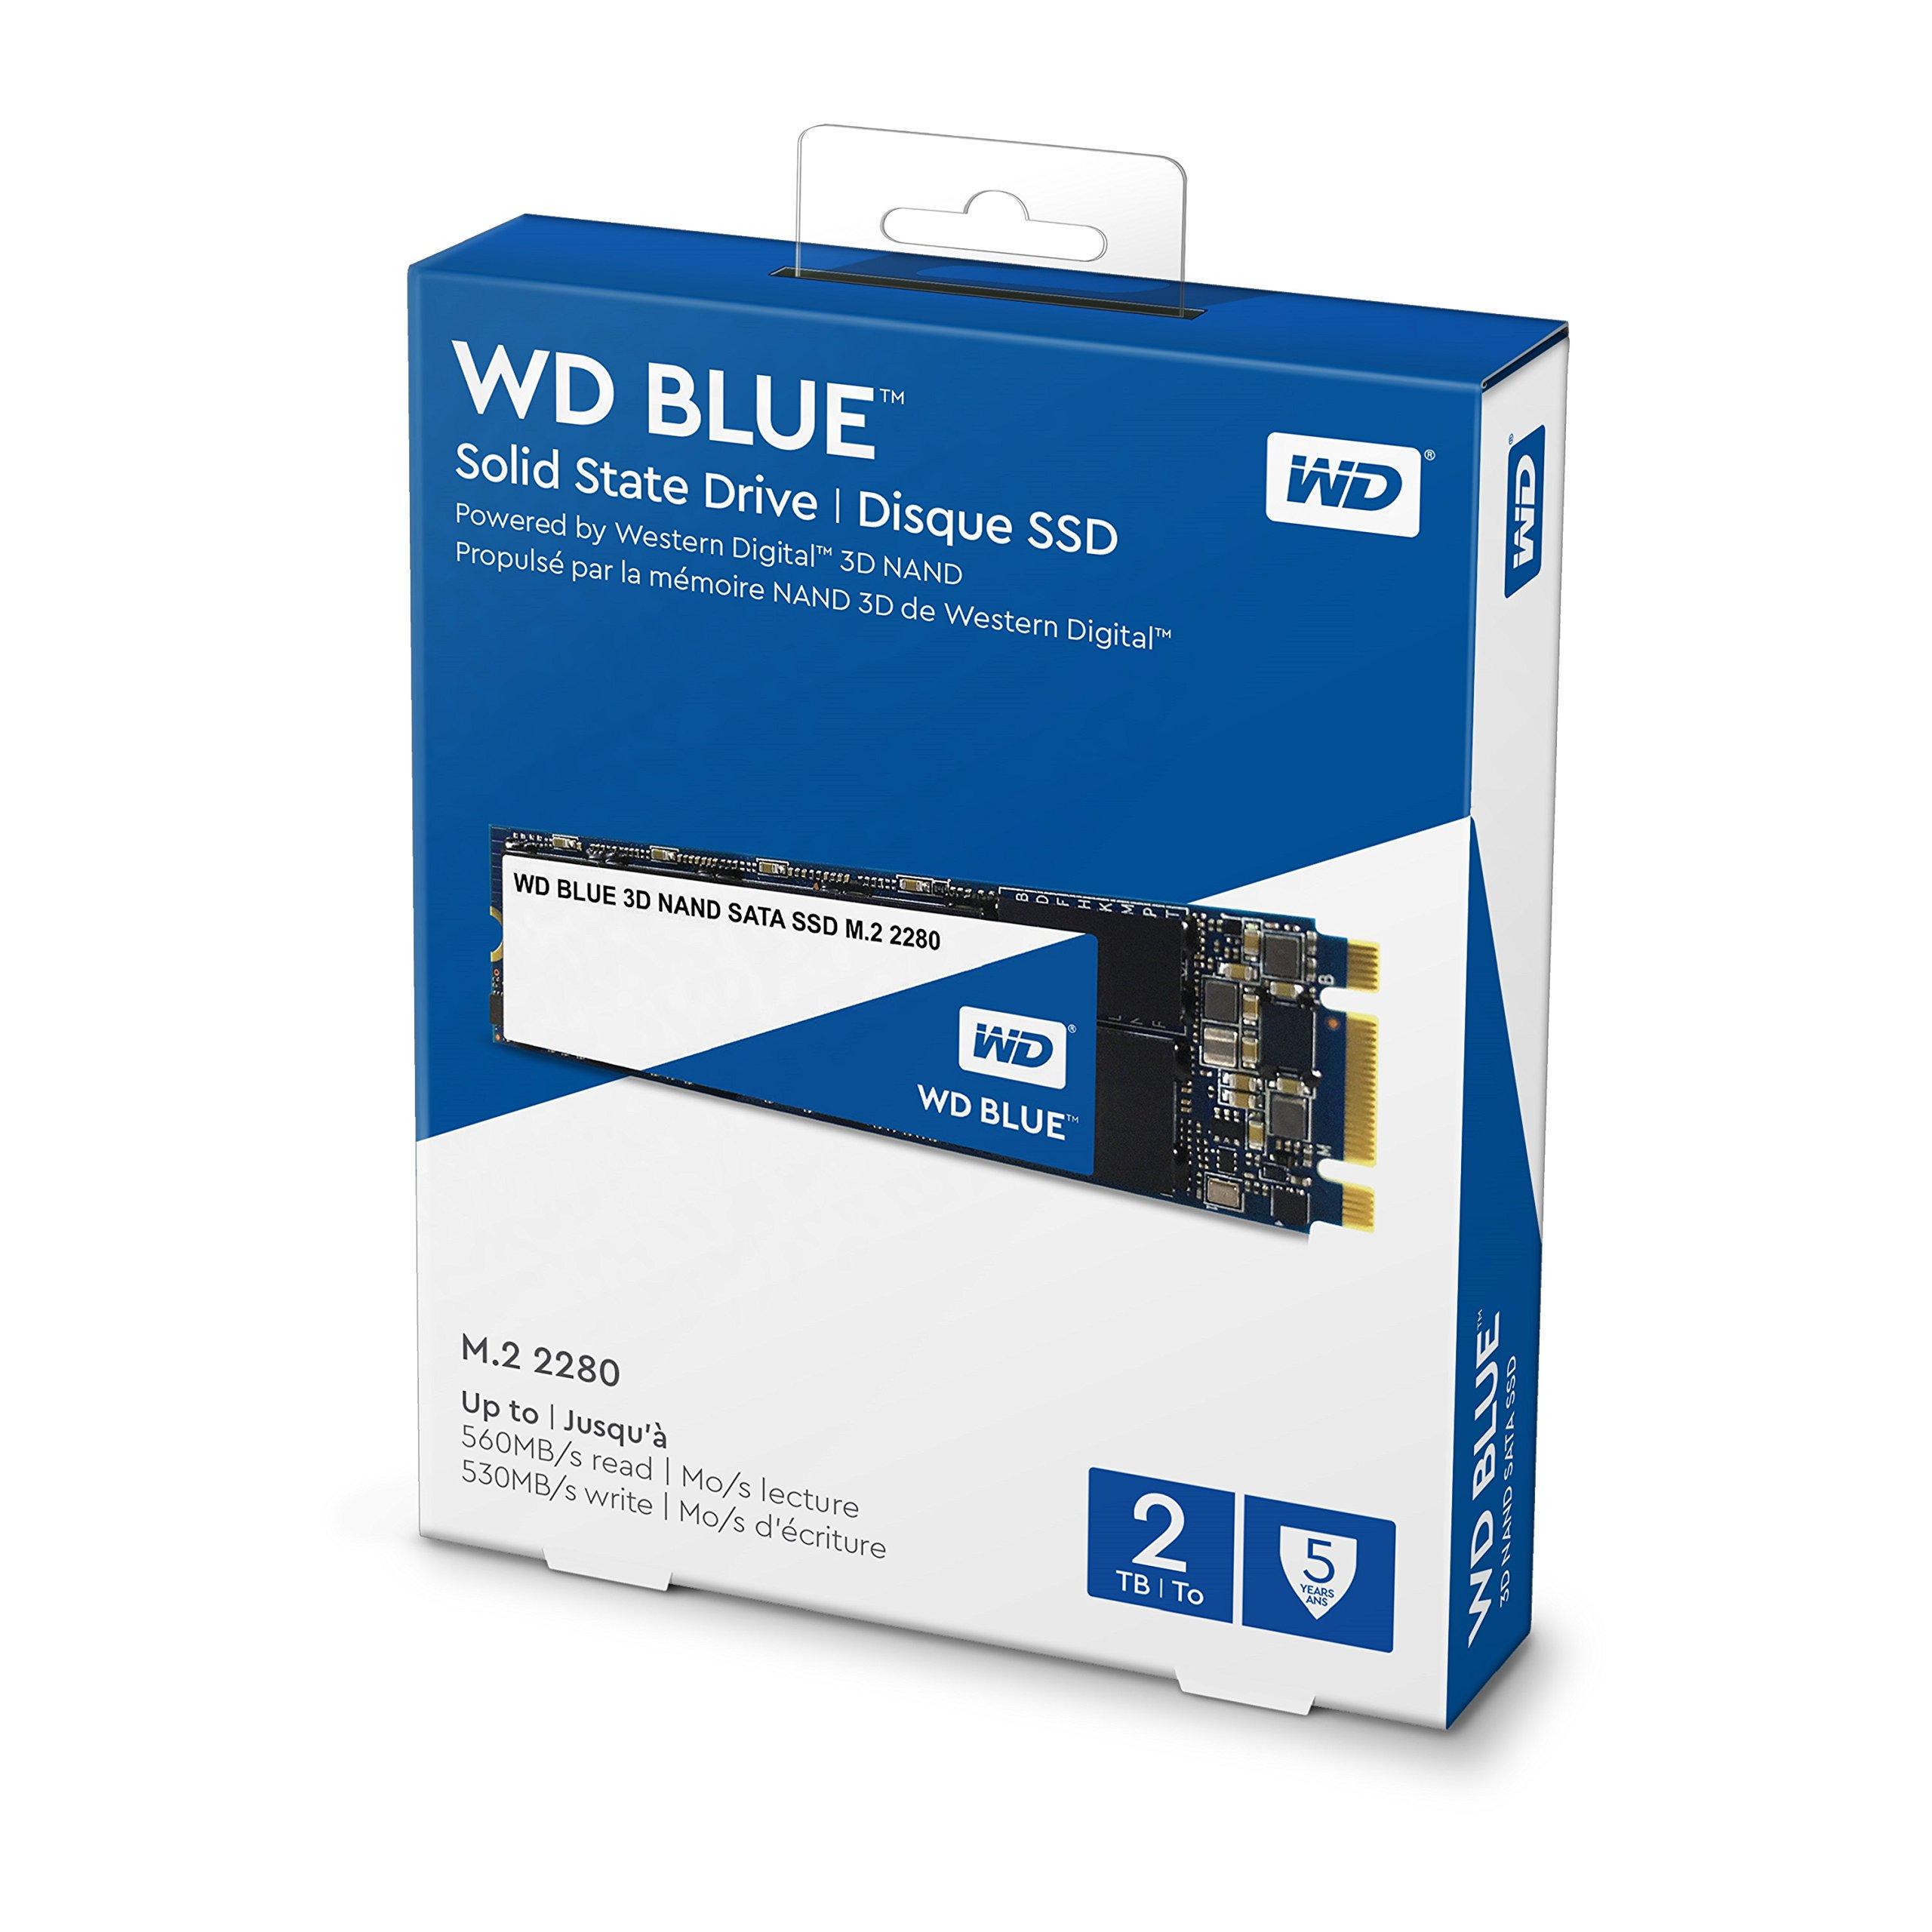 WD Blue 3D NAND 2TB PC SSD - SATA III 6 Gb/s, M.2 2280 - WDS200T2B0B by Western Digital (Image #3)